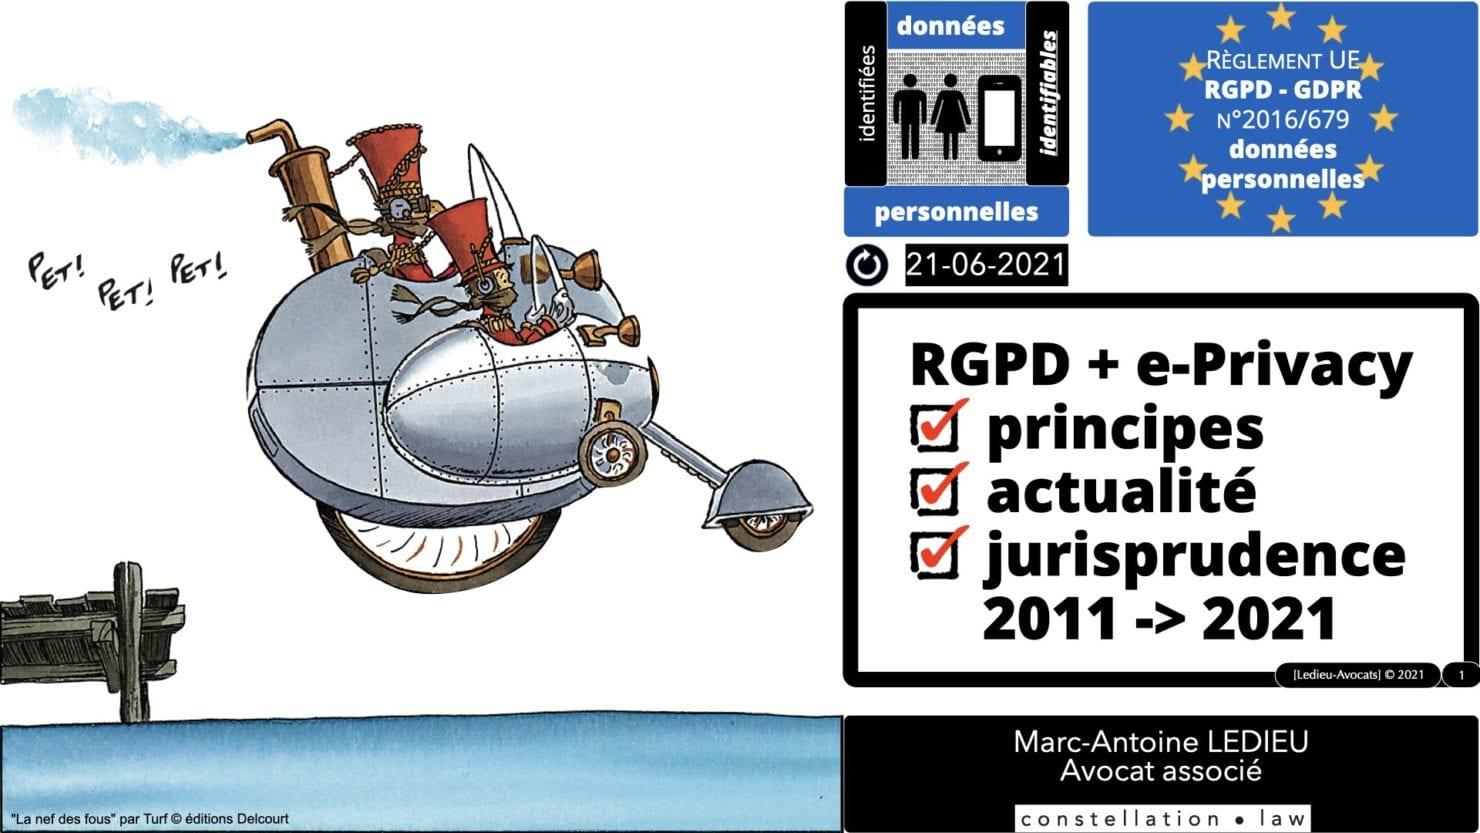 RGPD e-Privacy principes actualité jurisprudence [à jour 06/2021]